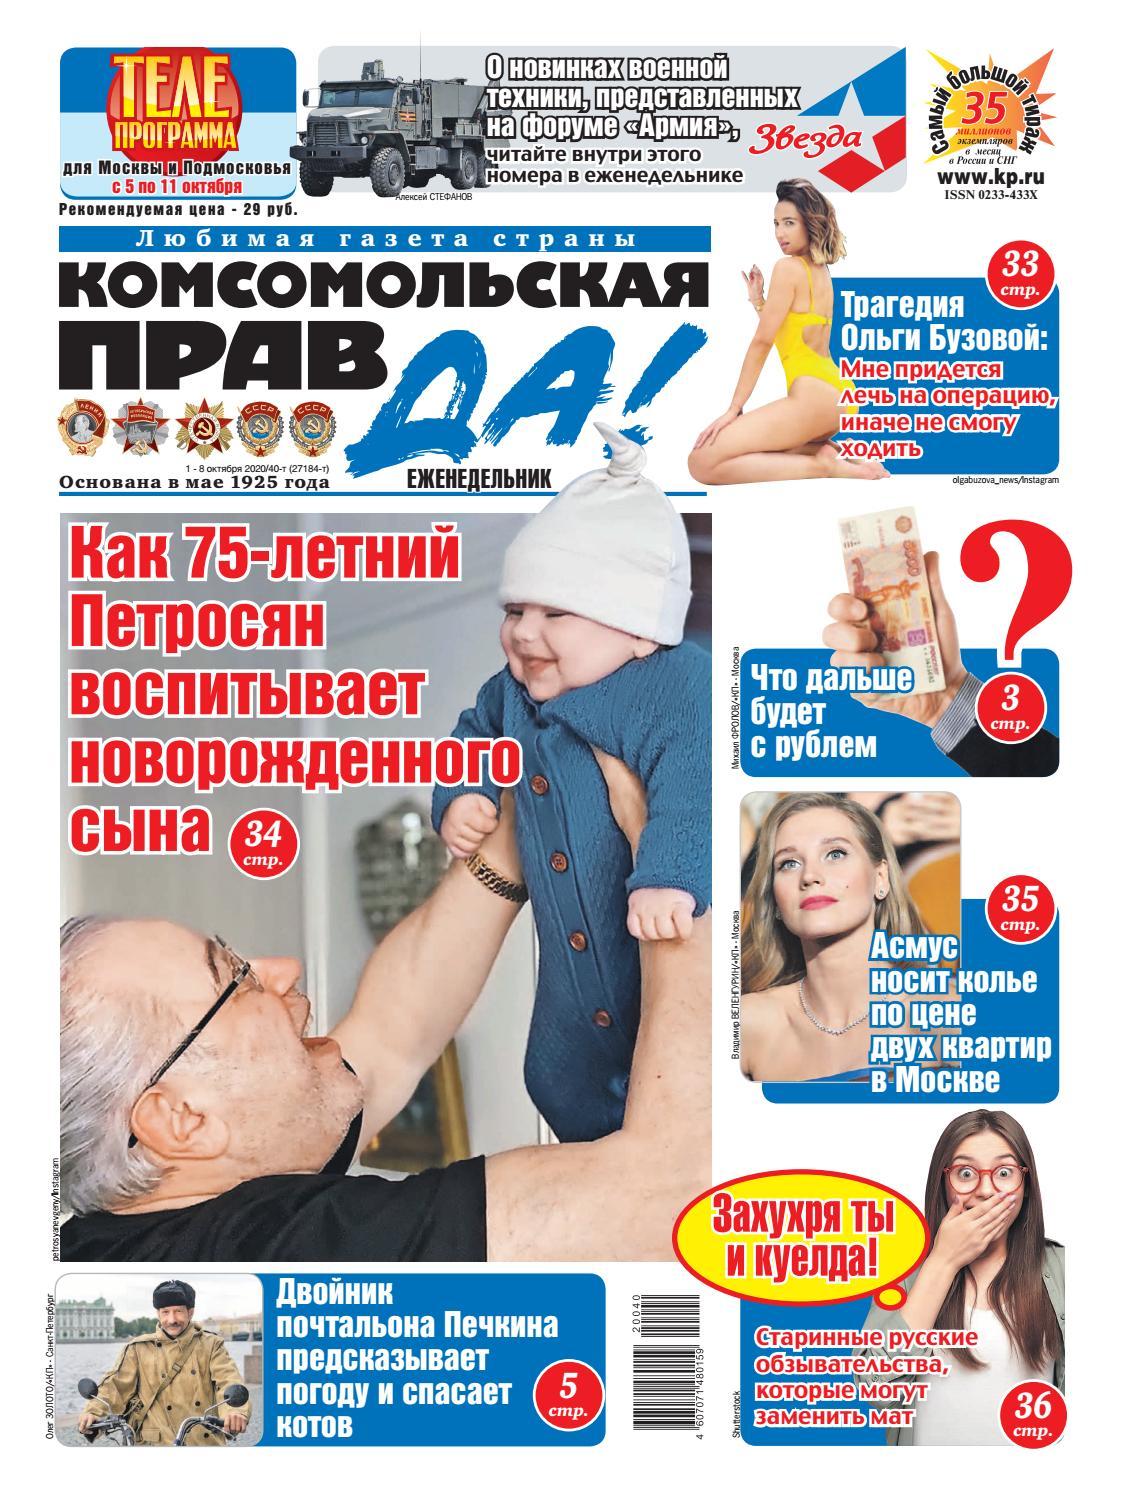 Комсомольская правда №40-т, октябрь 2020